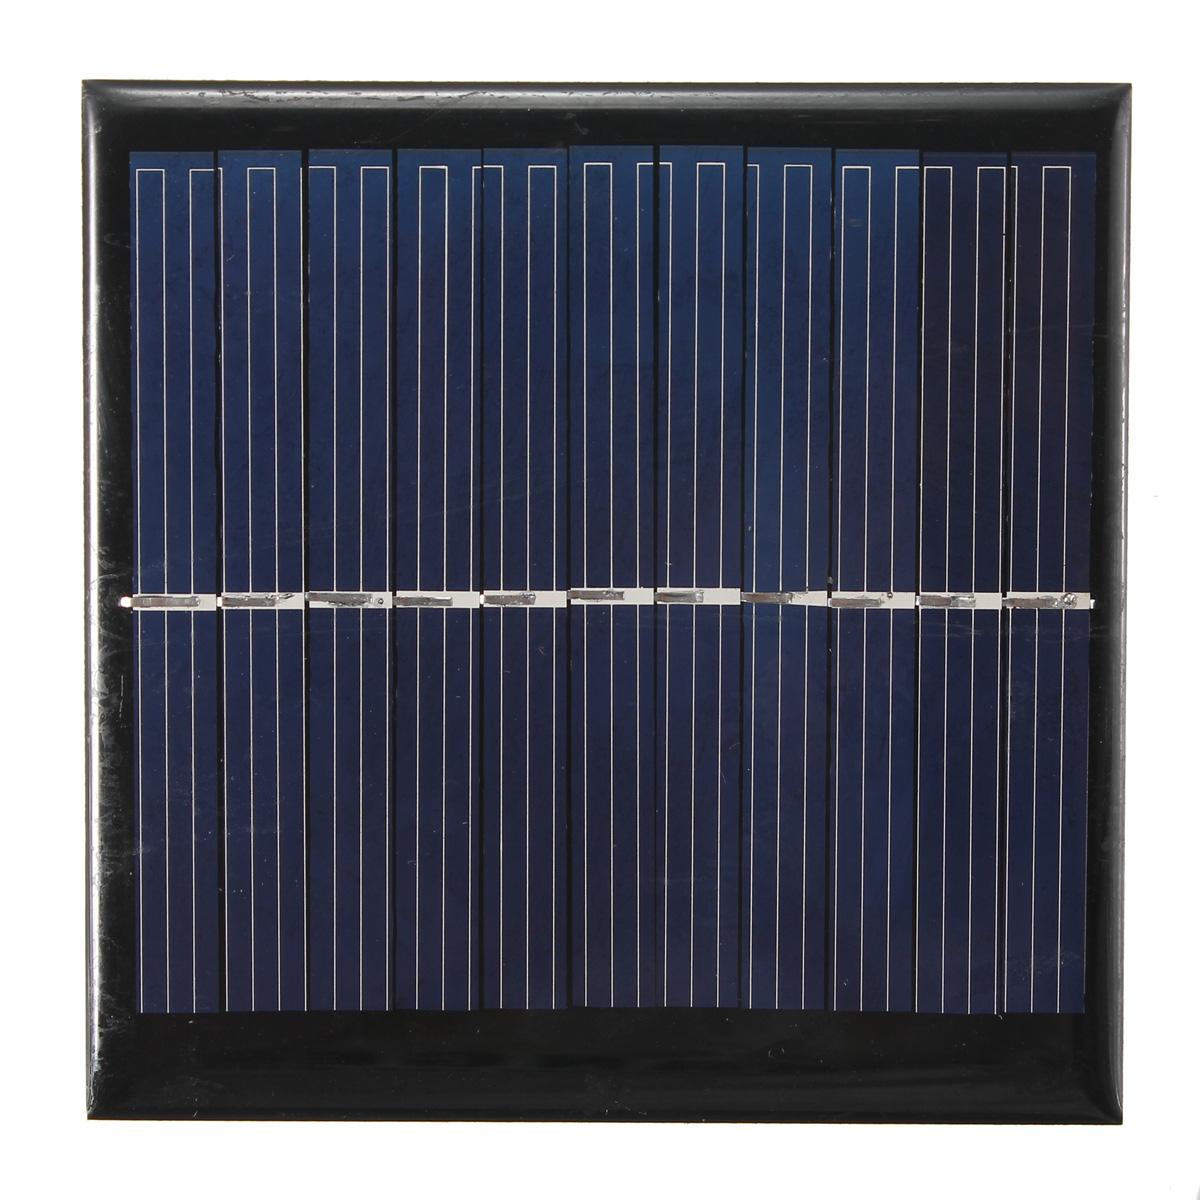 Pannelli fotovoltaici integrati dimensioni 66